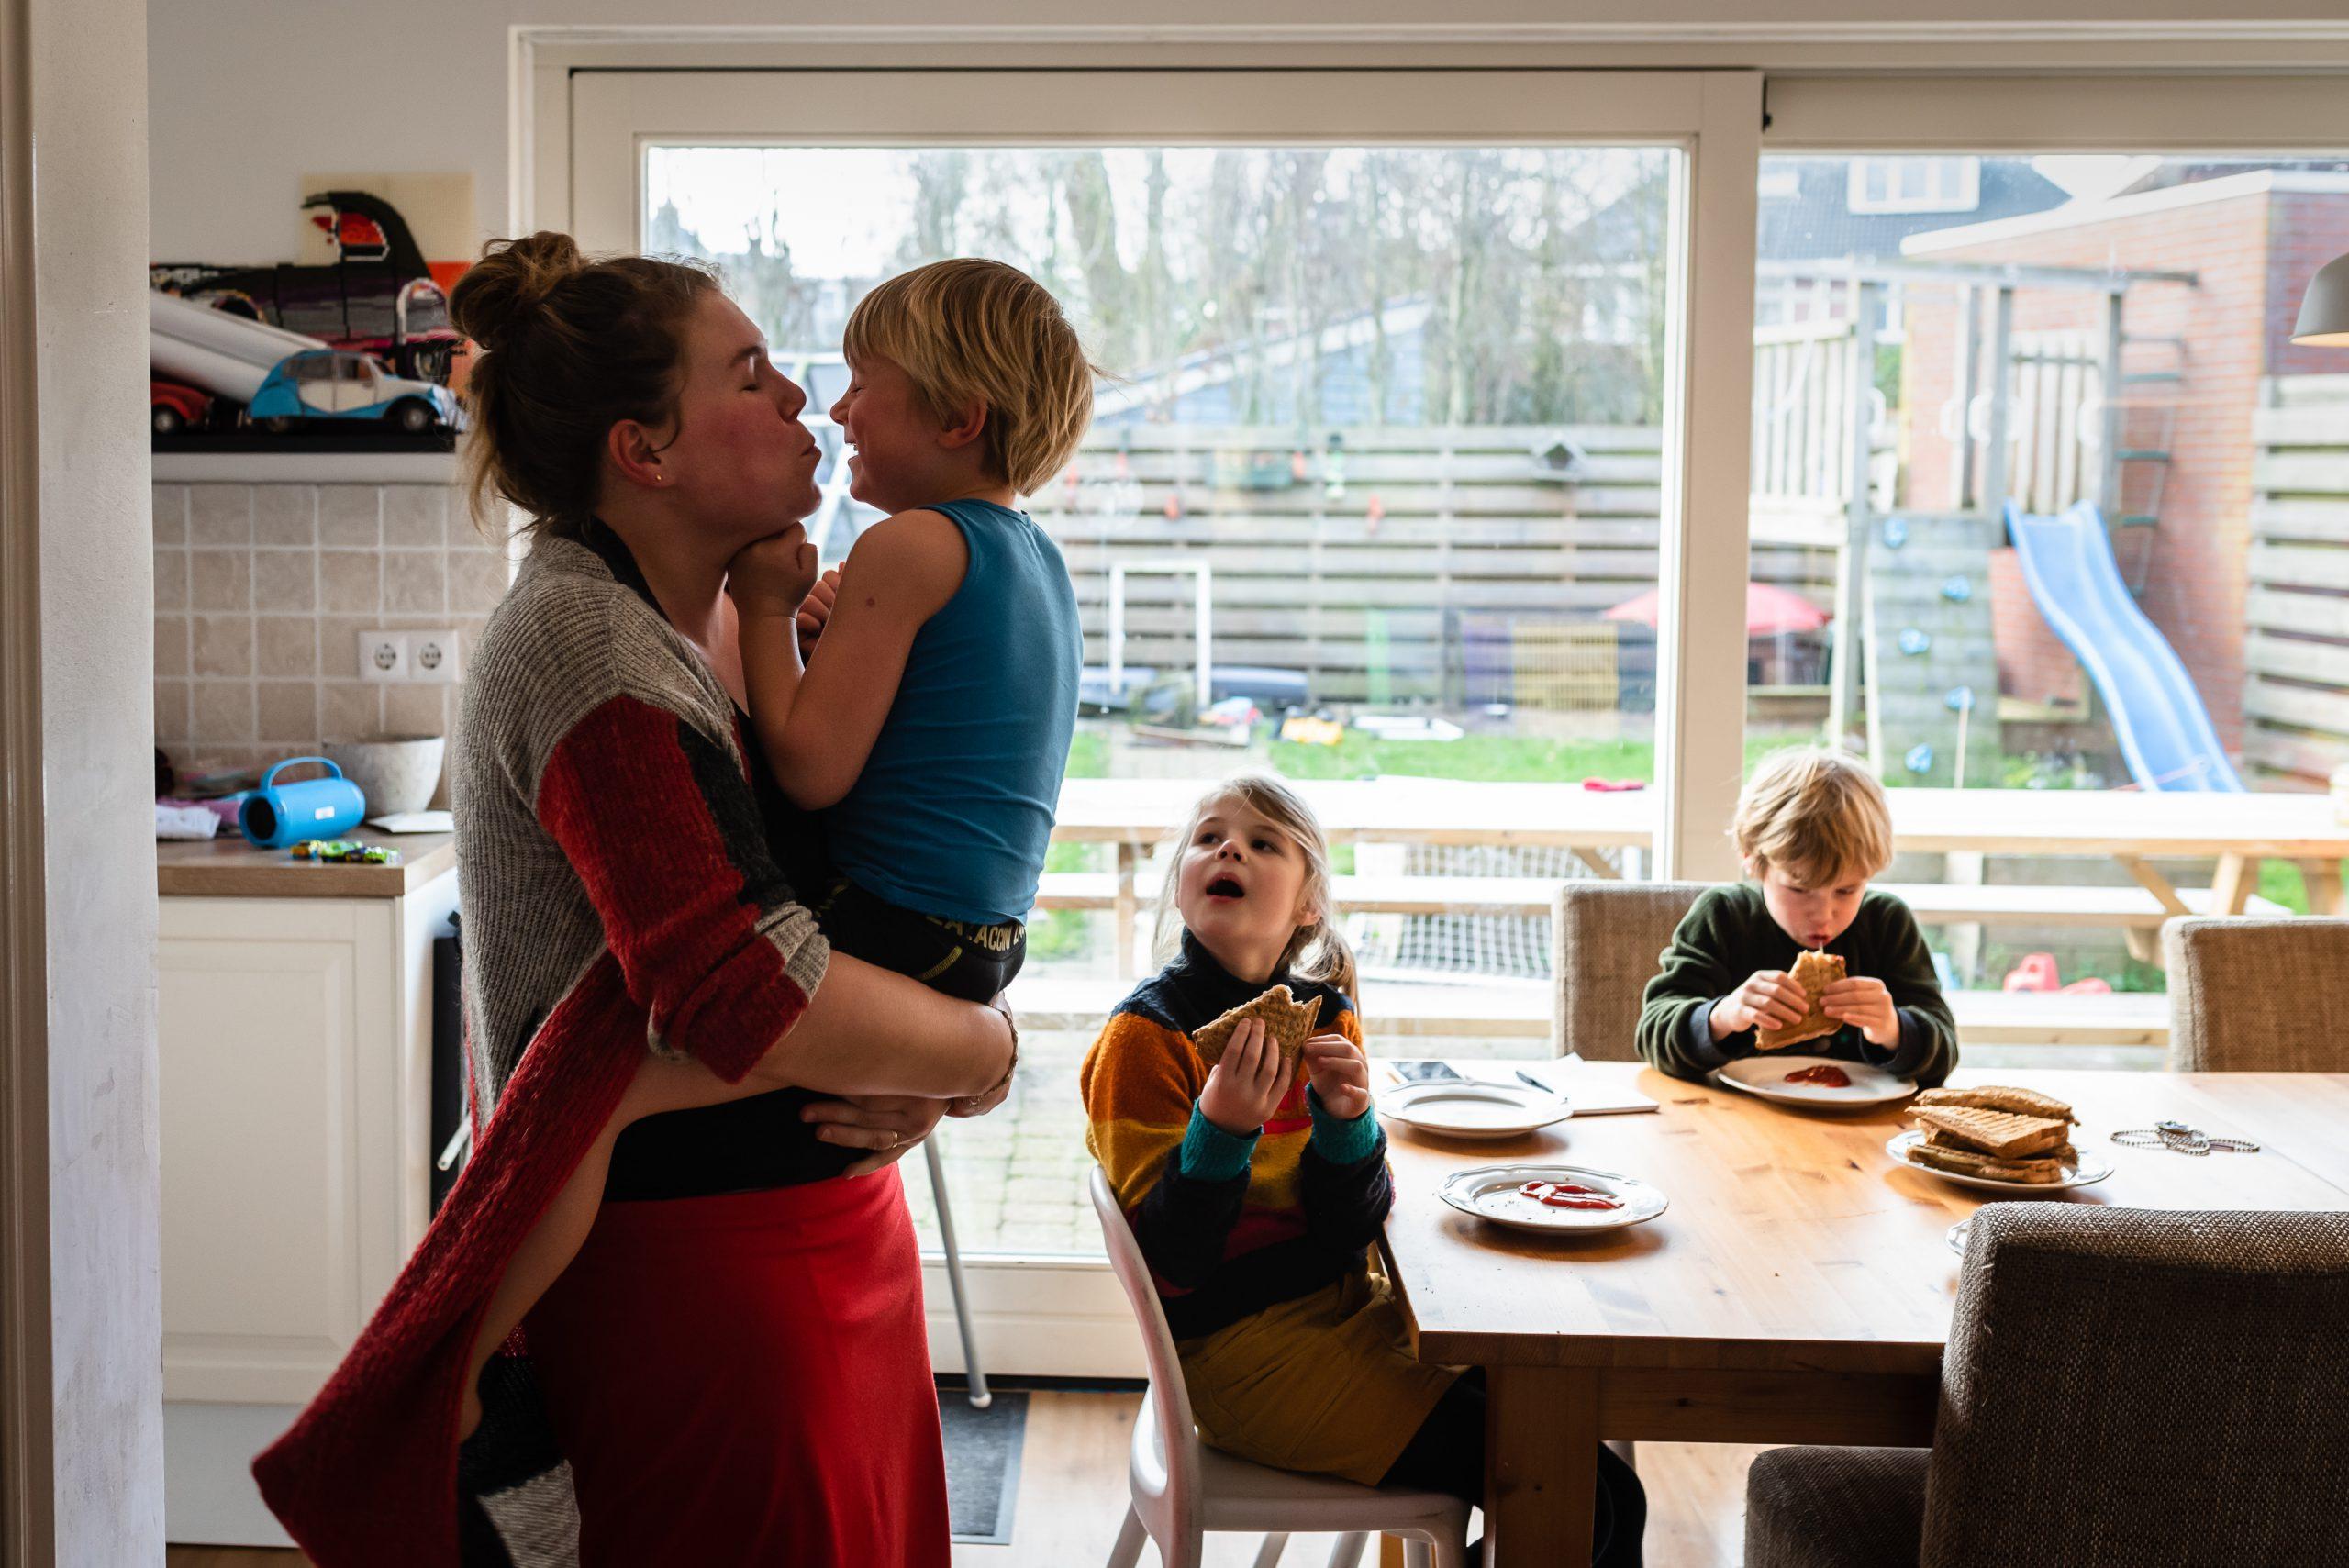 gezinsleven, tosti's eten, stoeien met kinderen, knuffelen, gezinsfotograaf, familiefotograaf, familiefotograaf Assen, gezinsfotograaf Assen, Gezinsfotograaf Drenthe, Familiefotograaf Drenthe